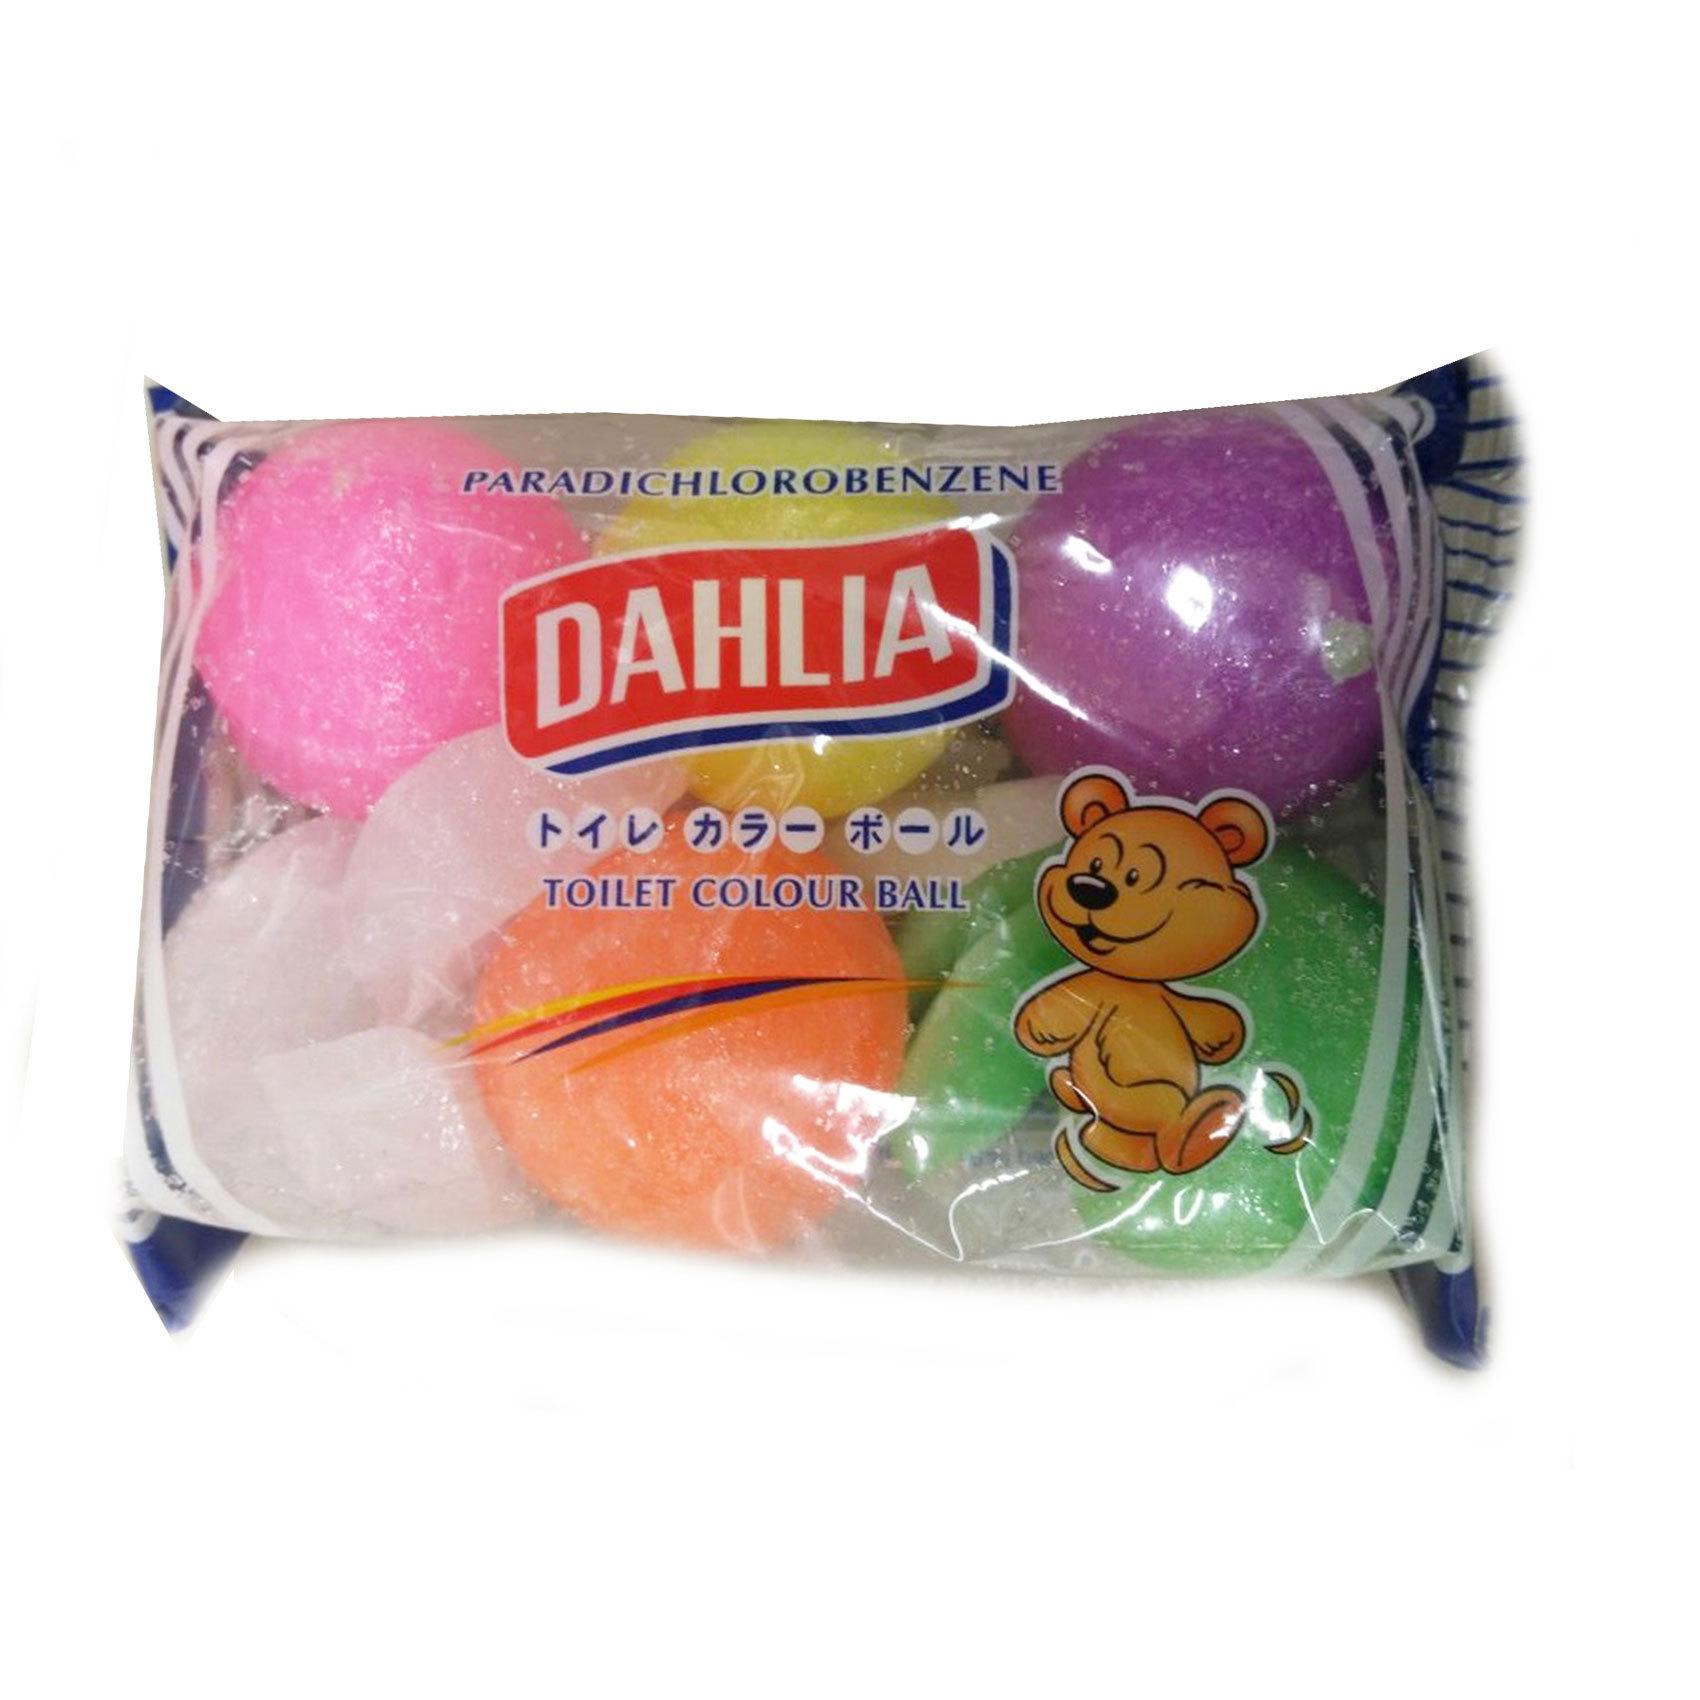 DAHLIA TOILET DEO BALLX6